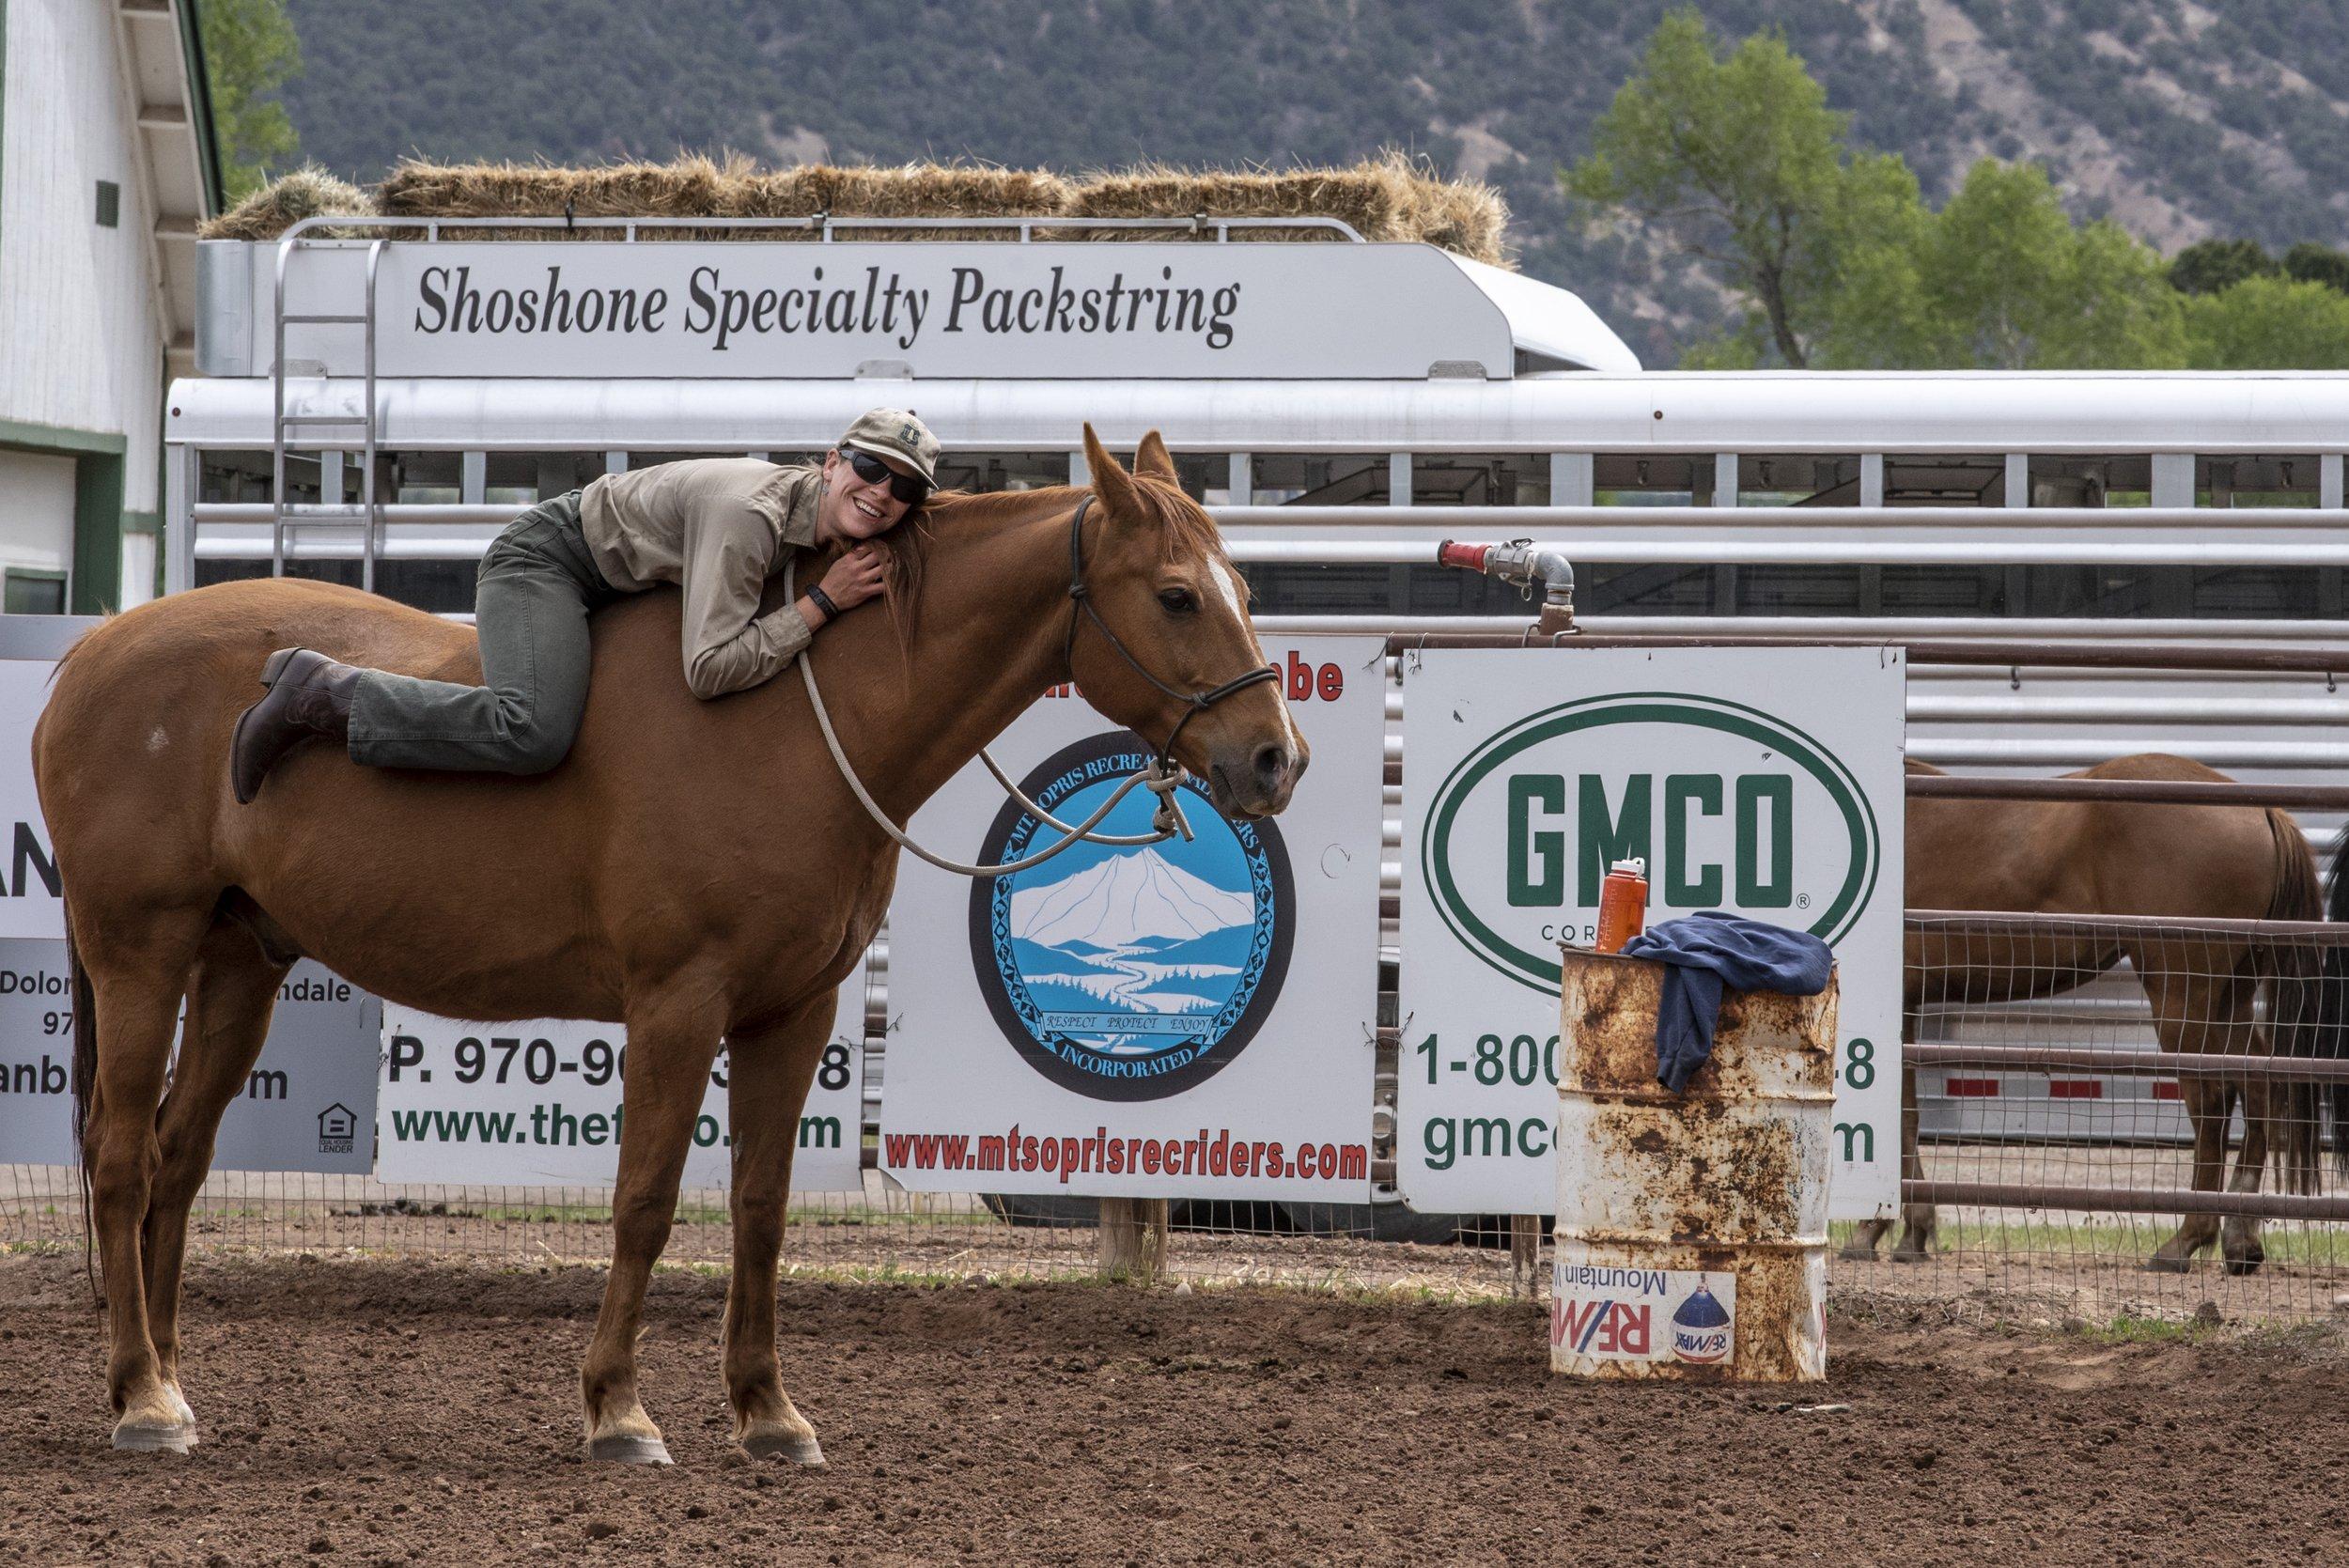 Keeping traditional horsemanship skills alive thumbnail